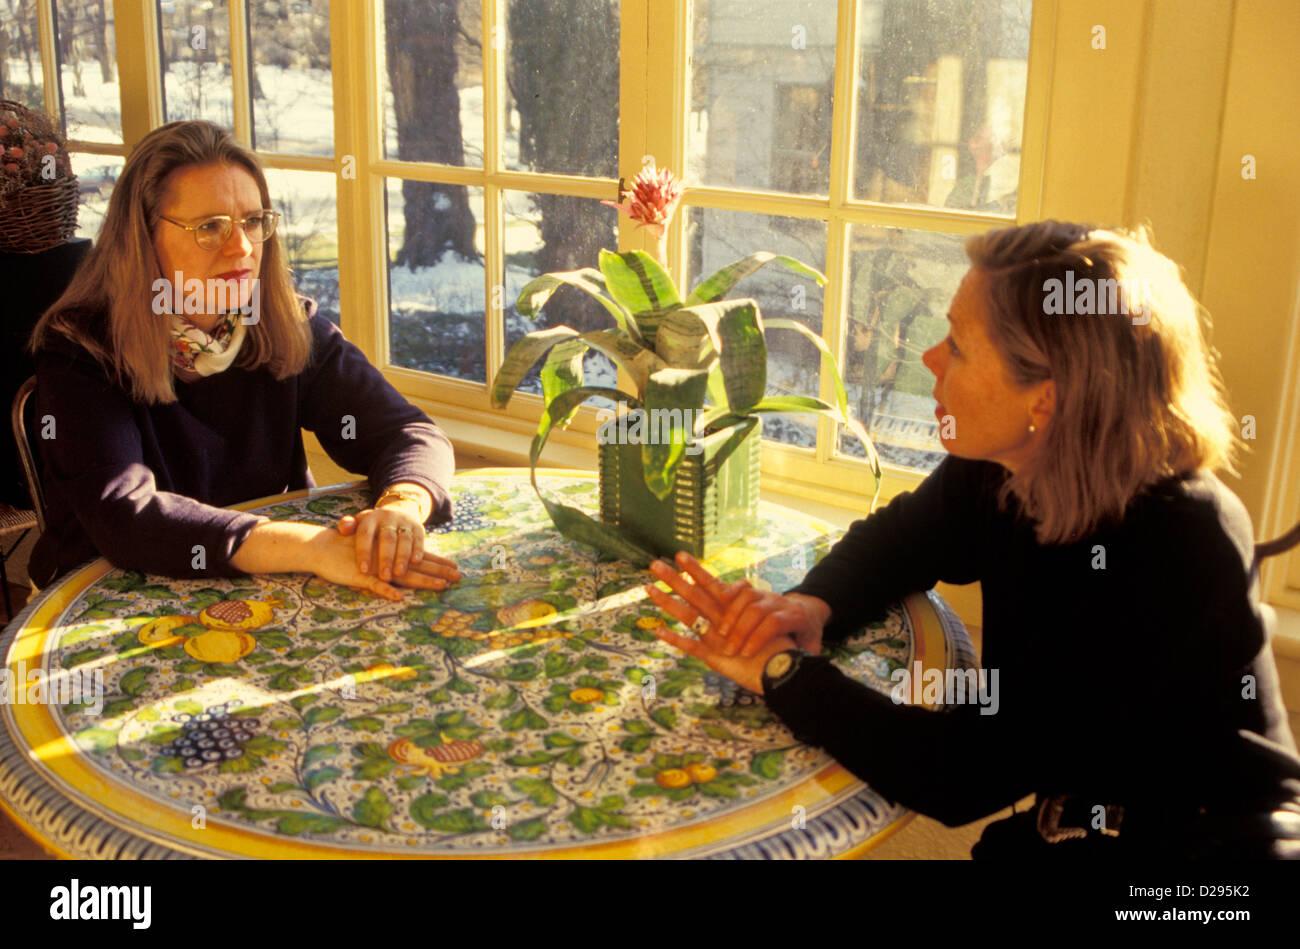 Dos amigos (30'S) conversan en la mesa Imagen De Stock